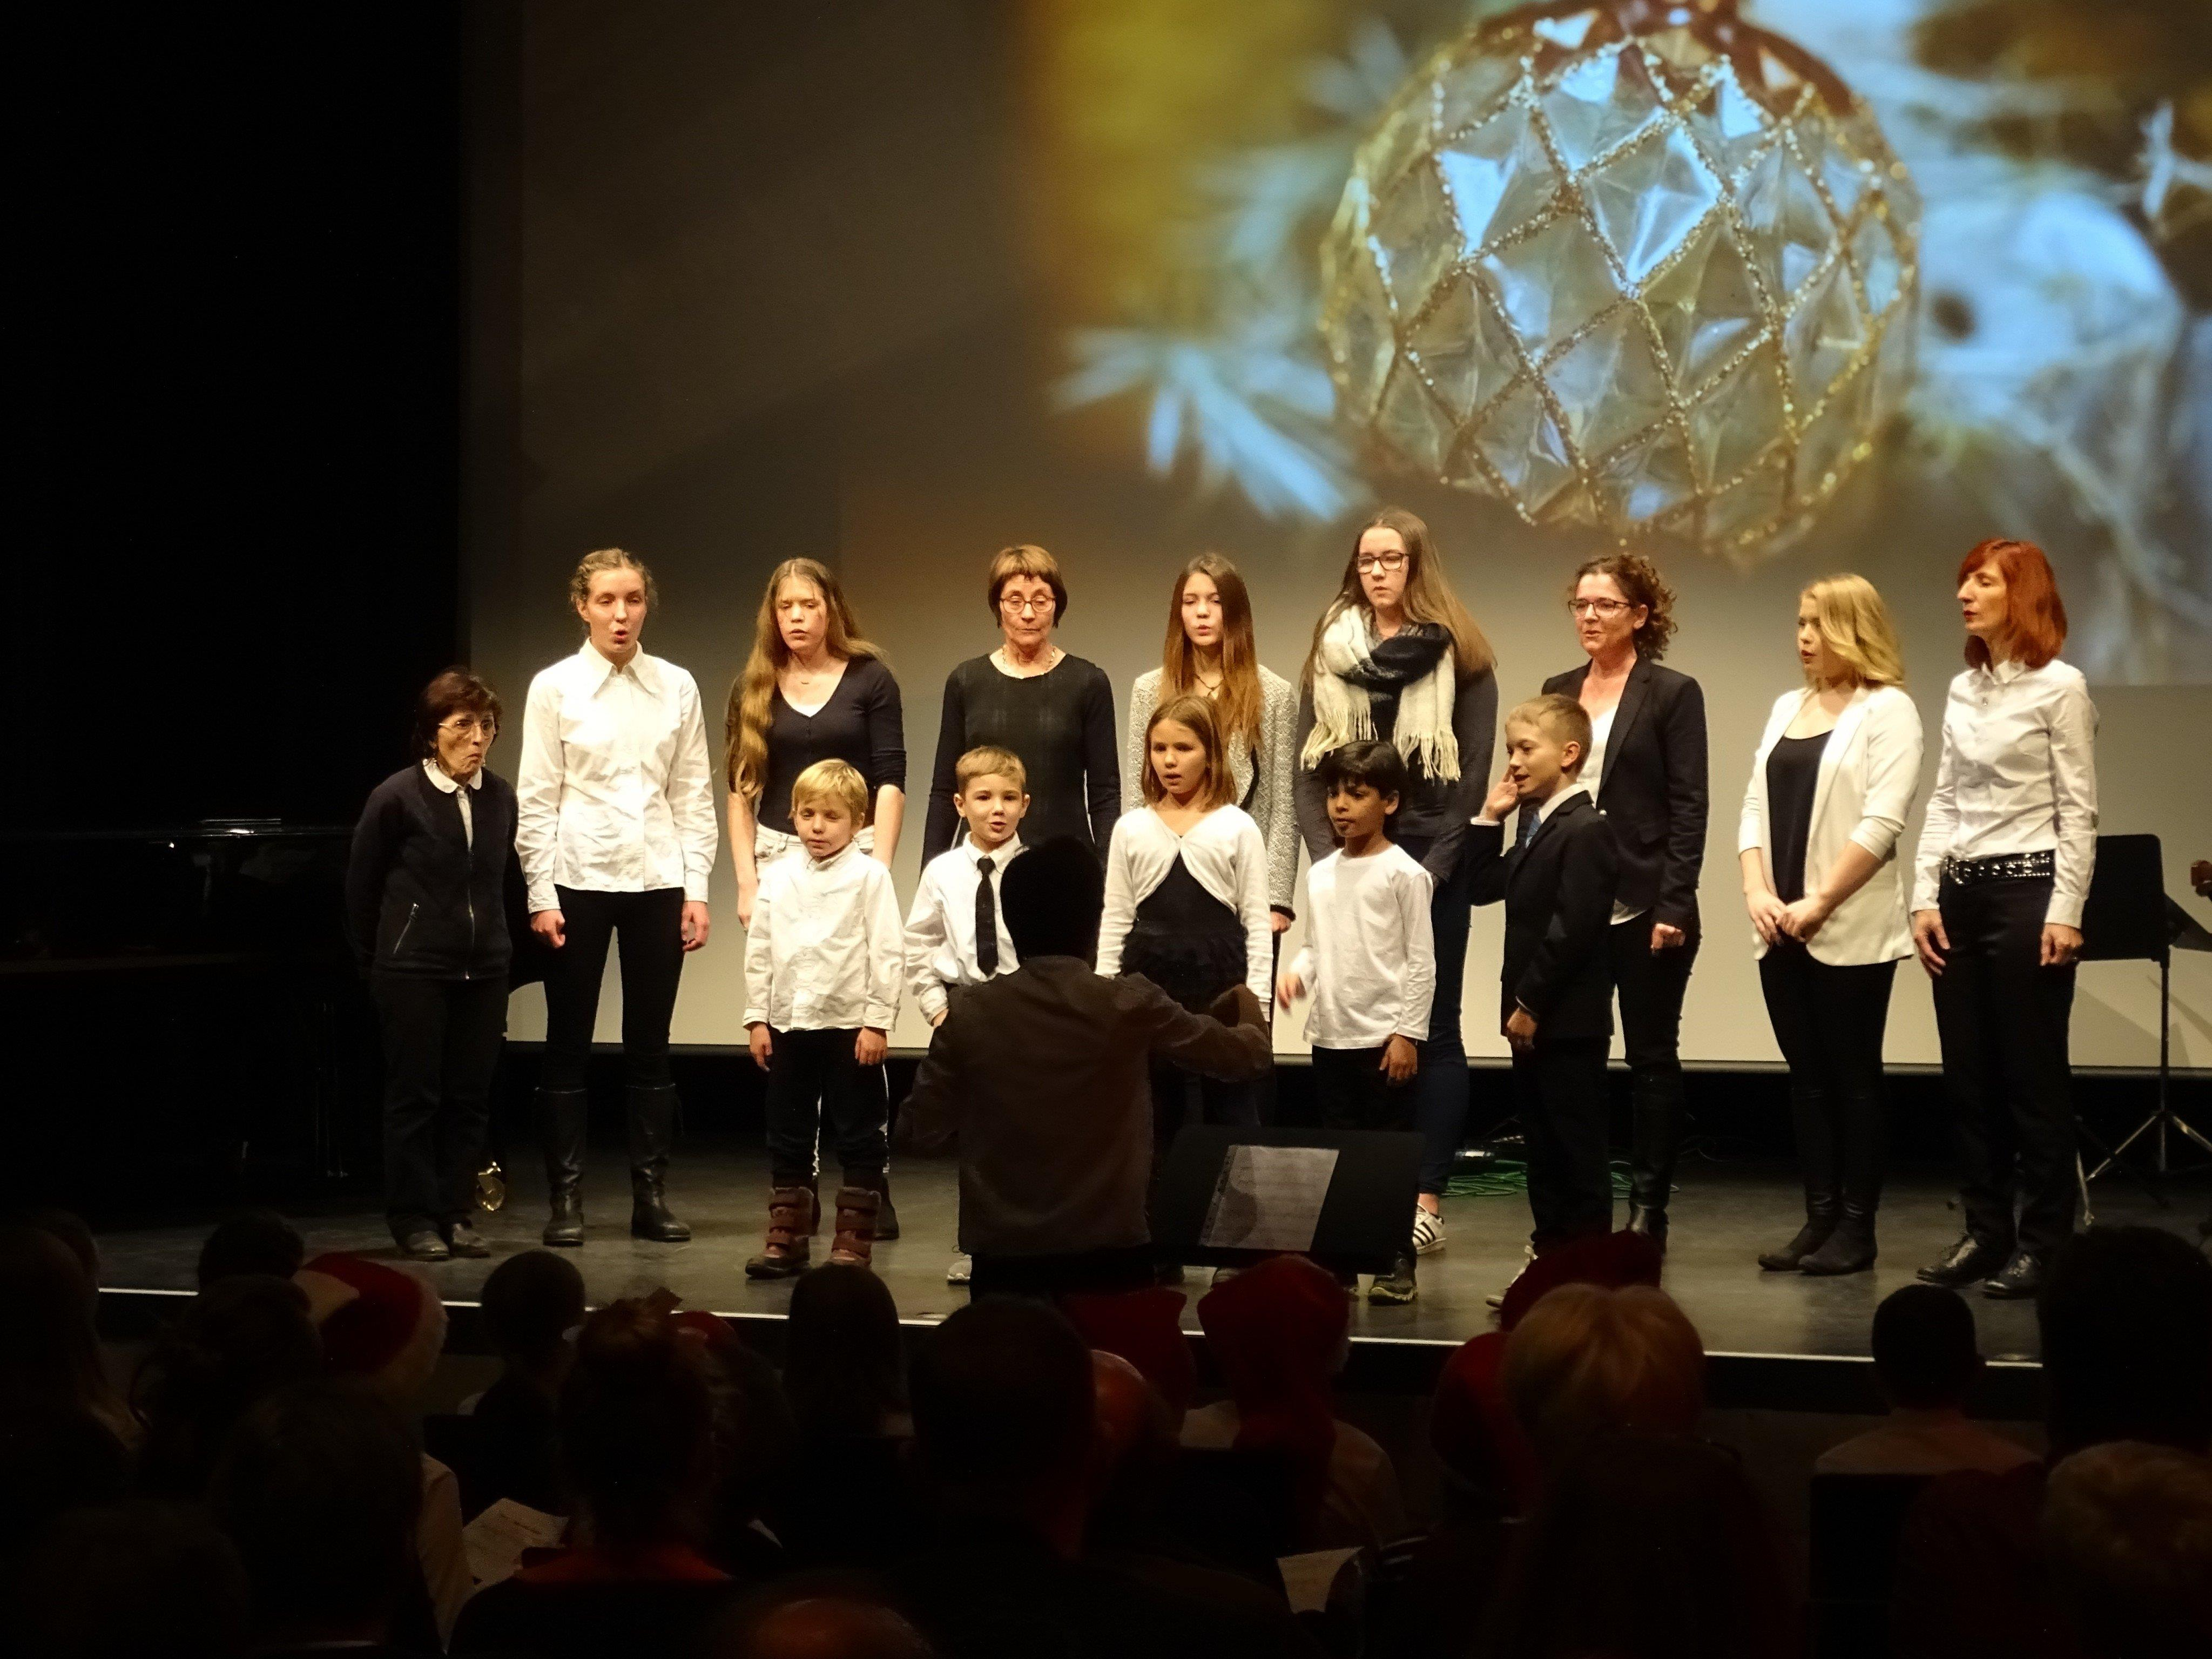 Der gemeinsame Auftritt von Kinderchor und Frauengesangsensemble lieferte einen besinnlichen Ausklang.